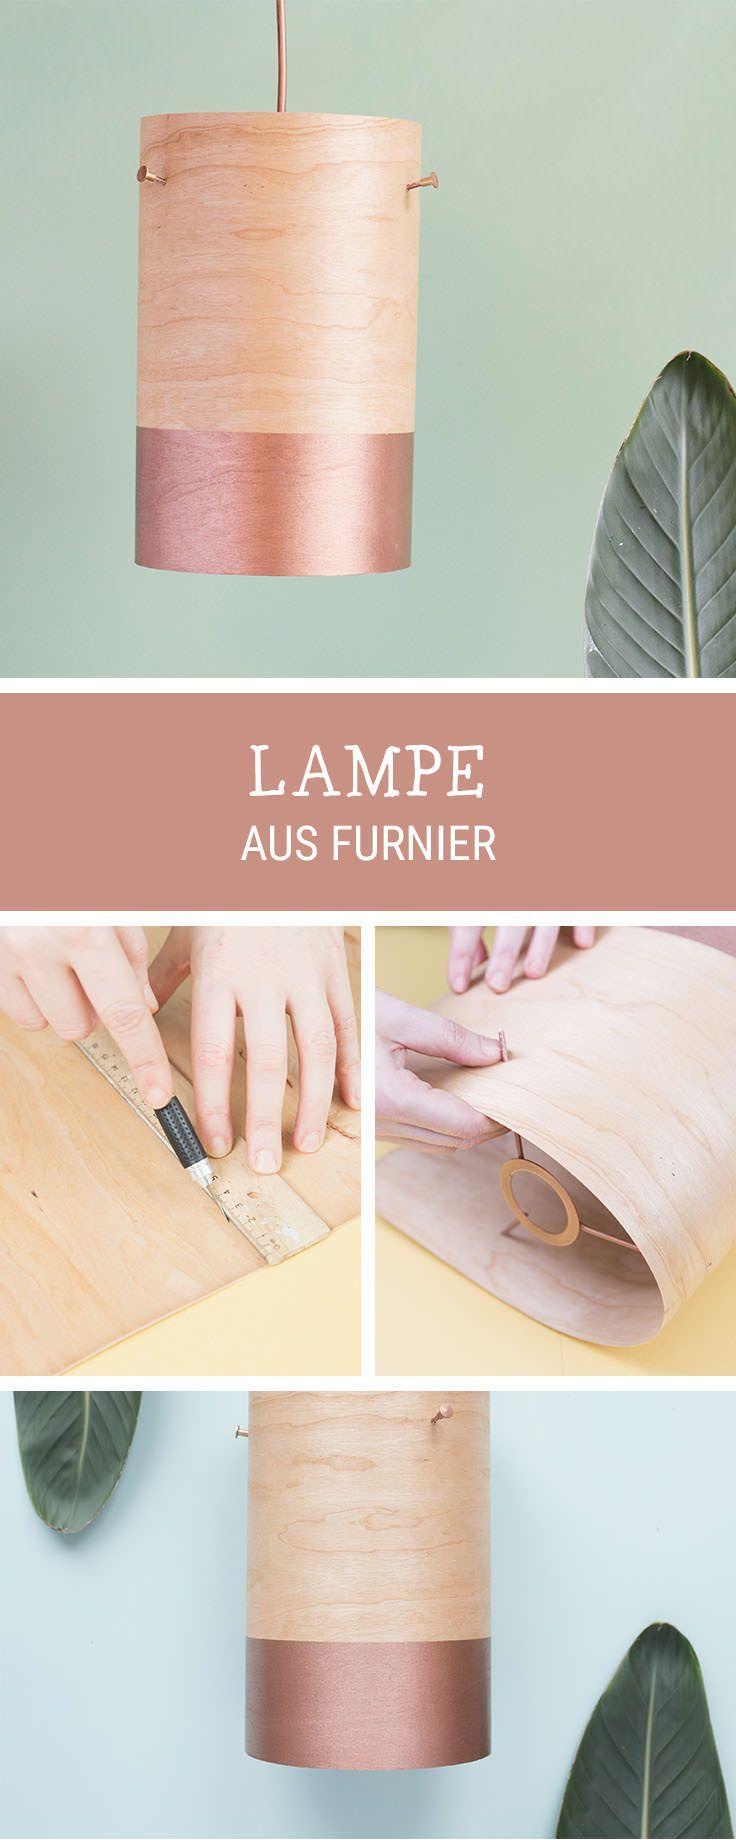 fantastische inspiration lampenschirm beton grosse pic der beccceaaaaf